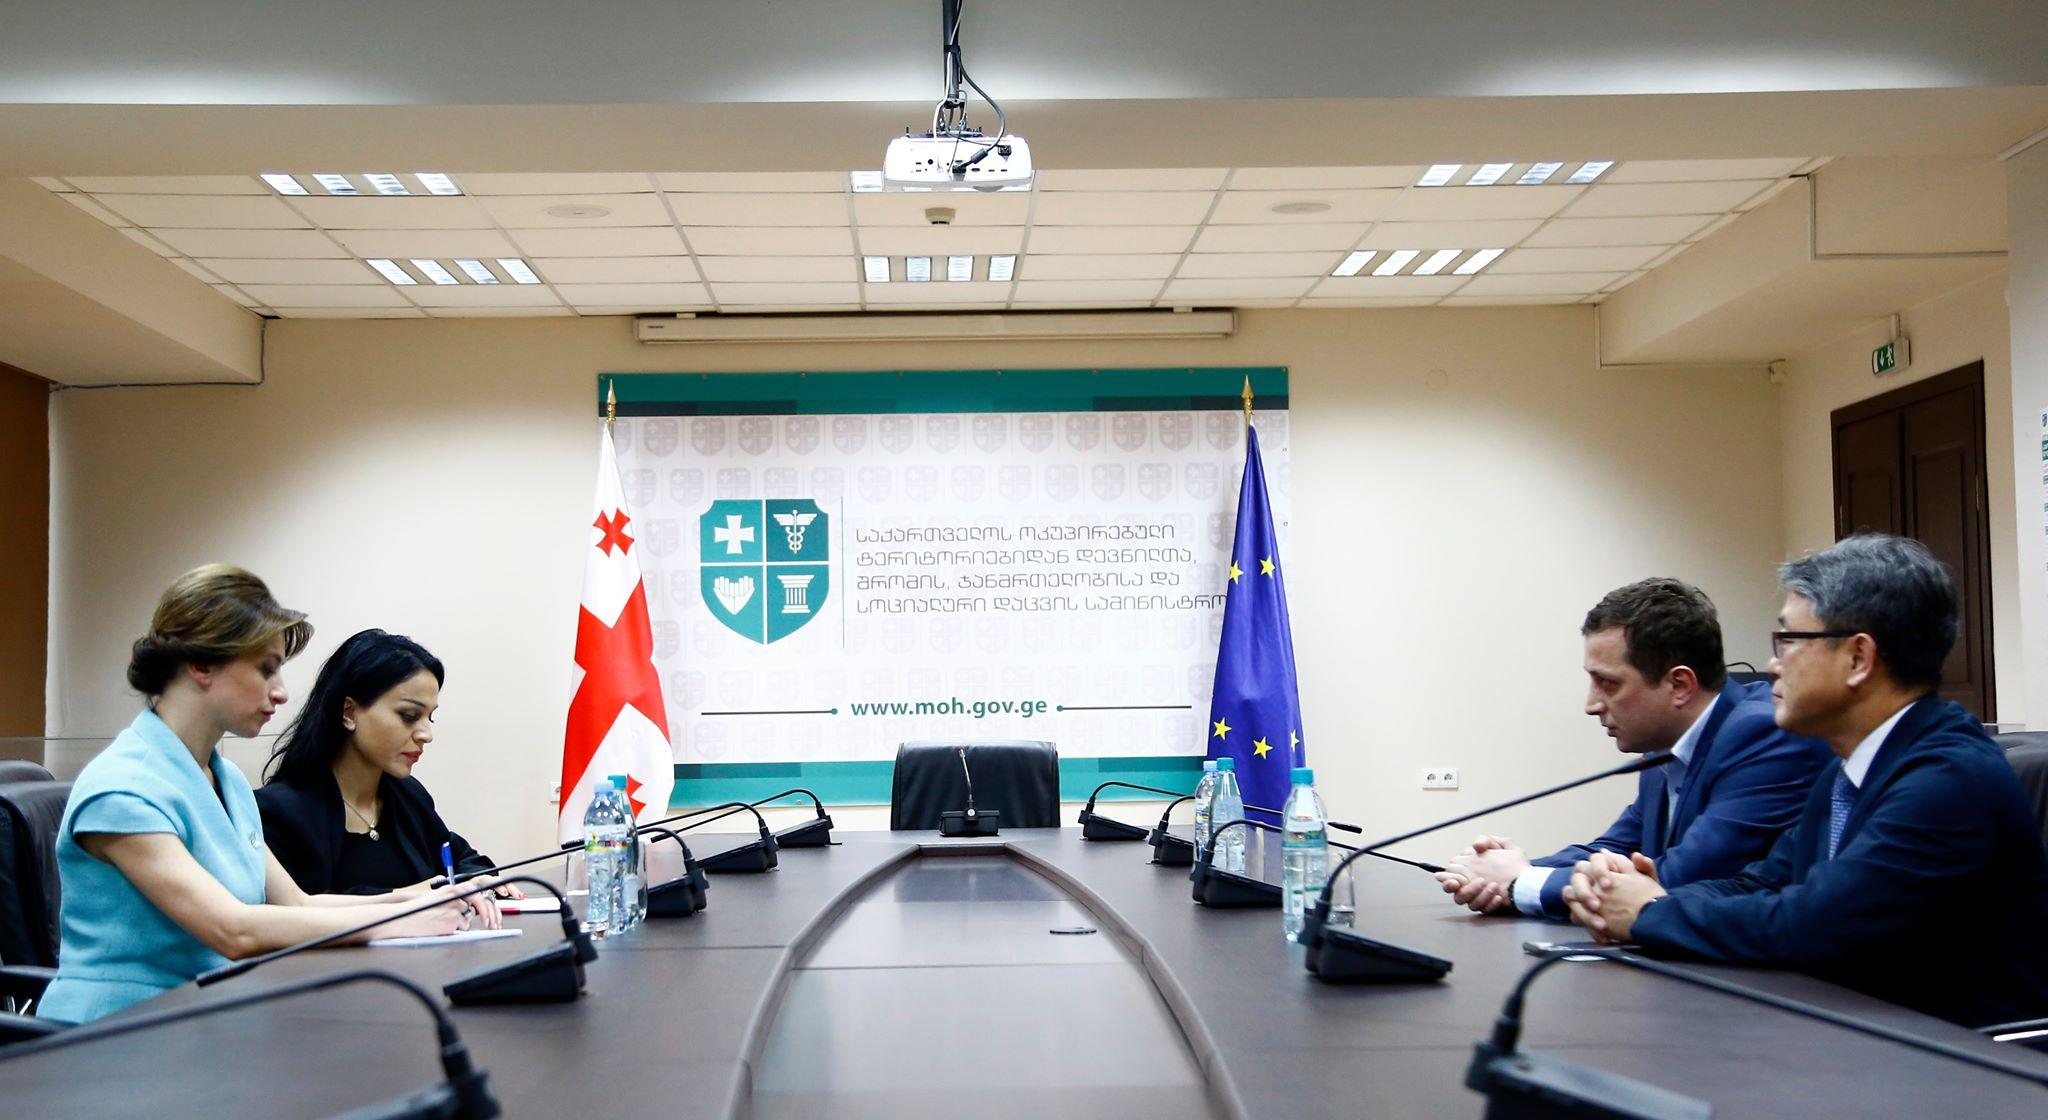 საქართველოში ტრანსპლანტოლოგიის დარგის განვითარებასთან დაკავშირებით  ჯანდაცვის მინისტრმა შეხვედრა გამართა